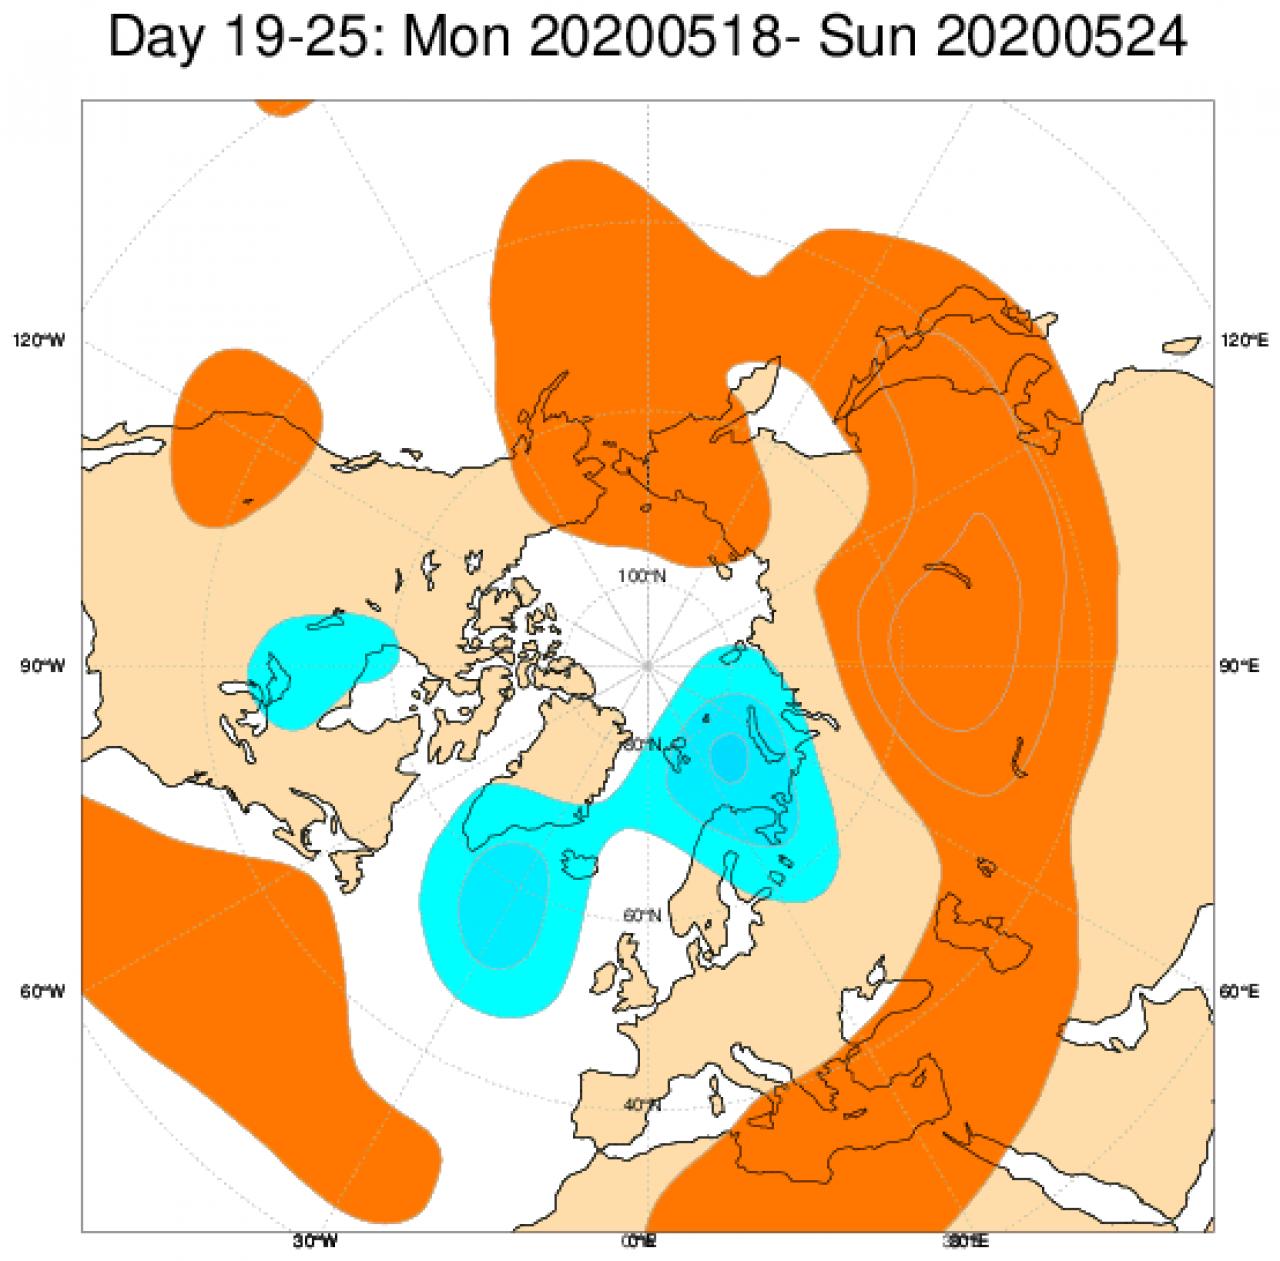 Le anomalie di geopotenziale mediate sul periodo 18-24 maggio secondo il modello ECMWF